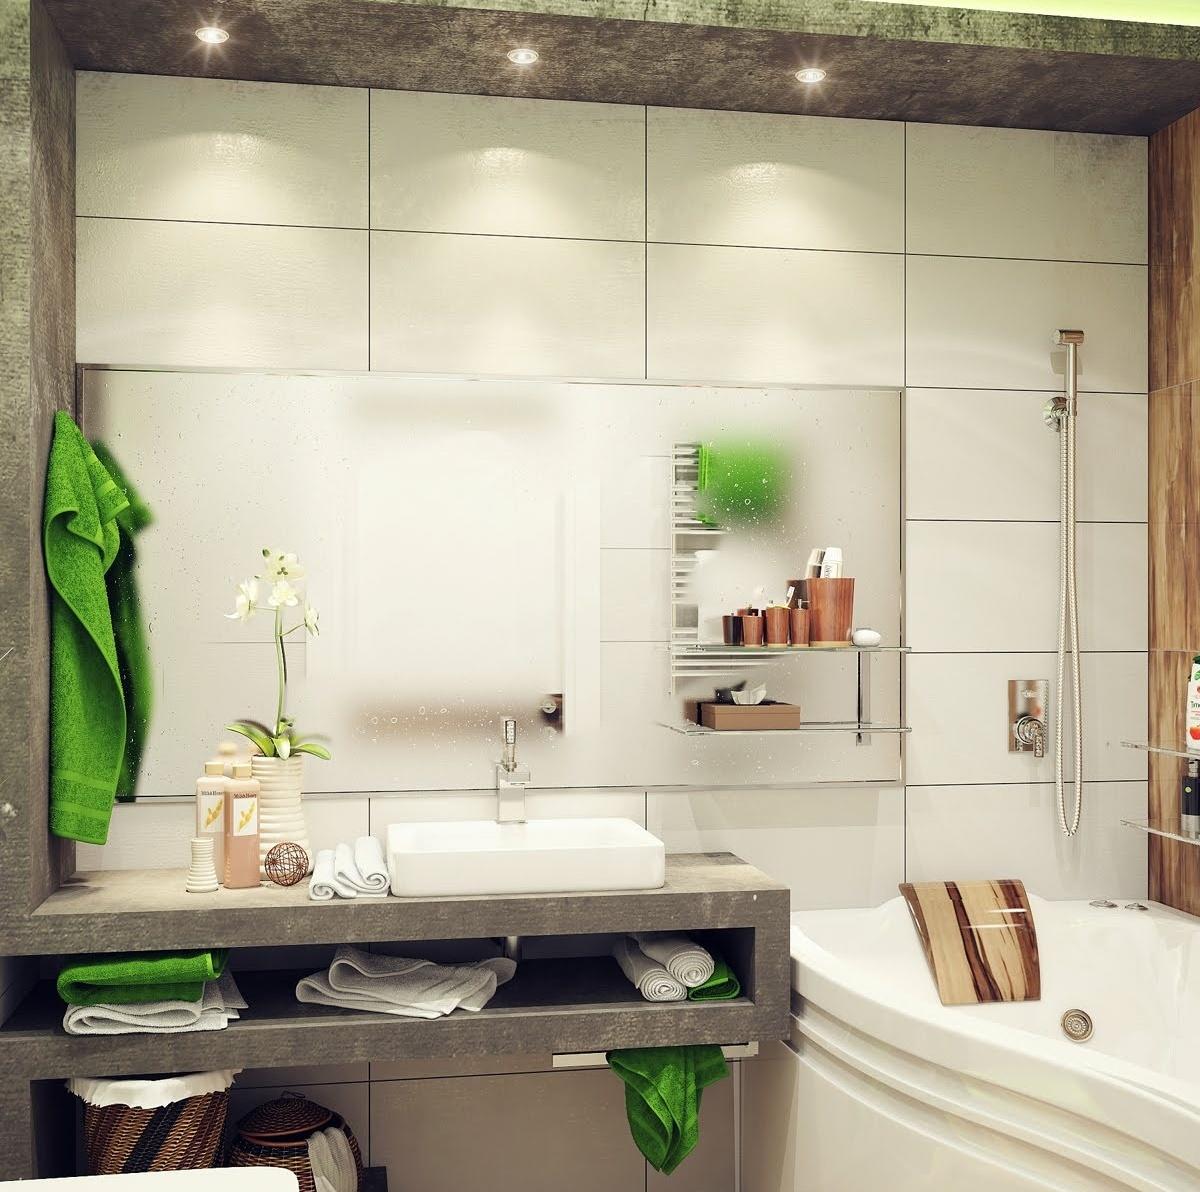 Стеллаж для мелочей необходим в маленькой ванной